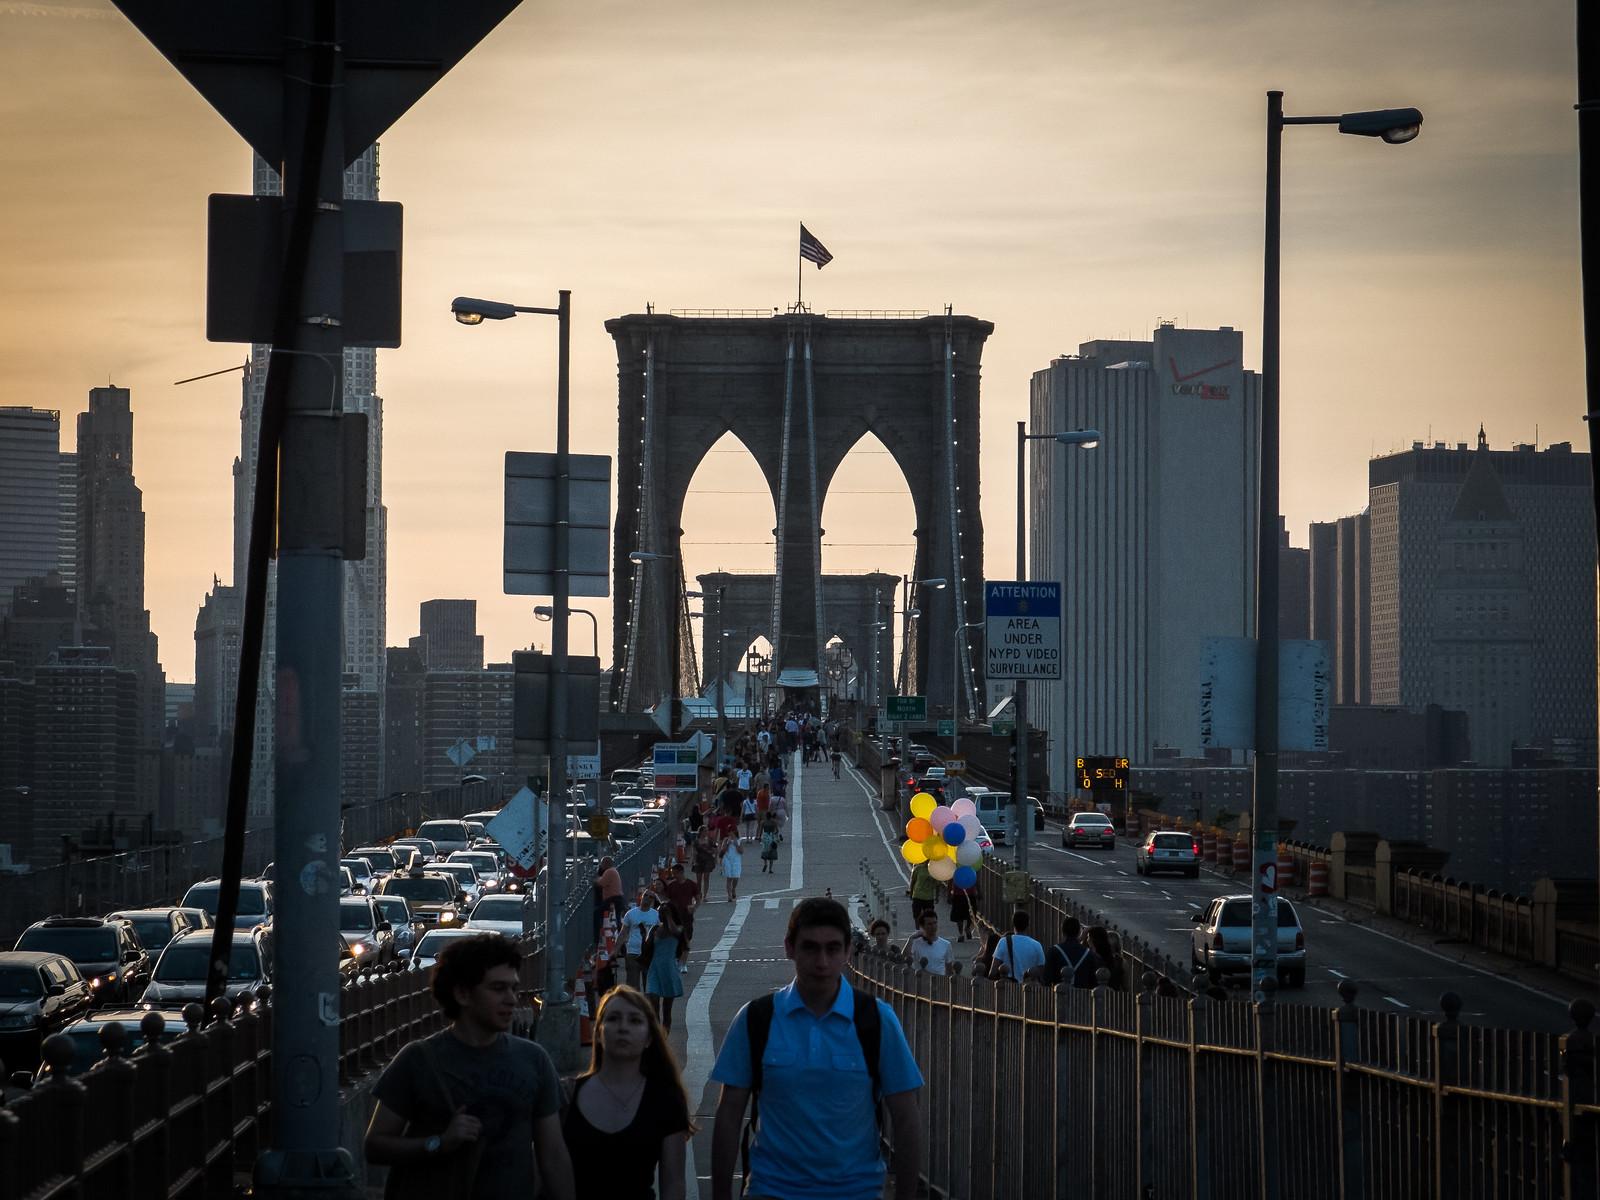 Brooklyn Bridge by wwward0